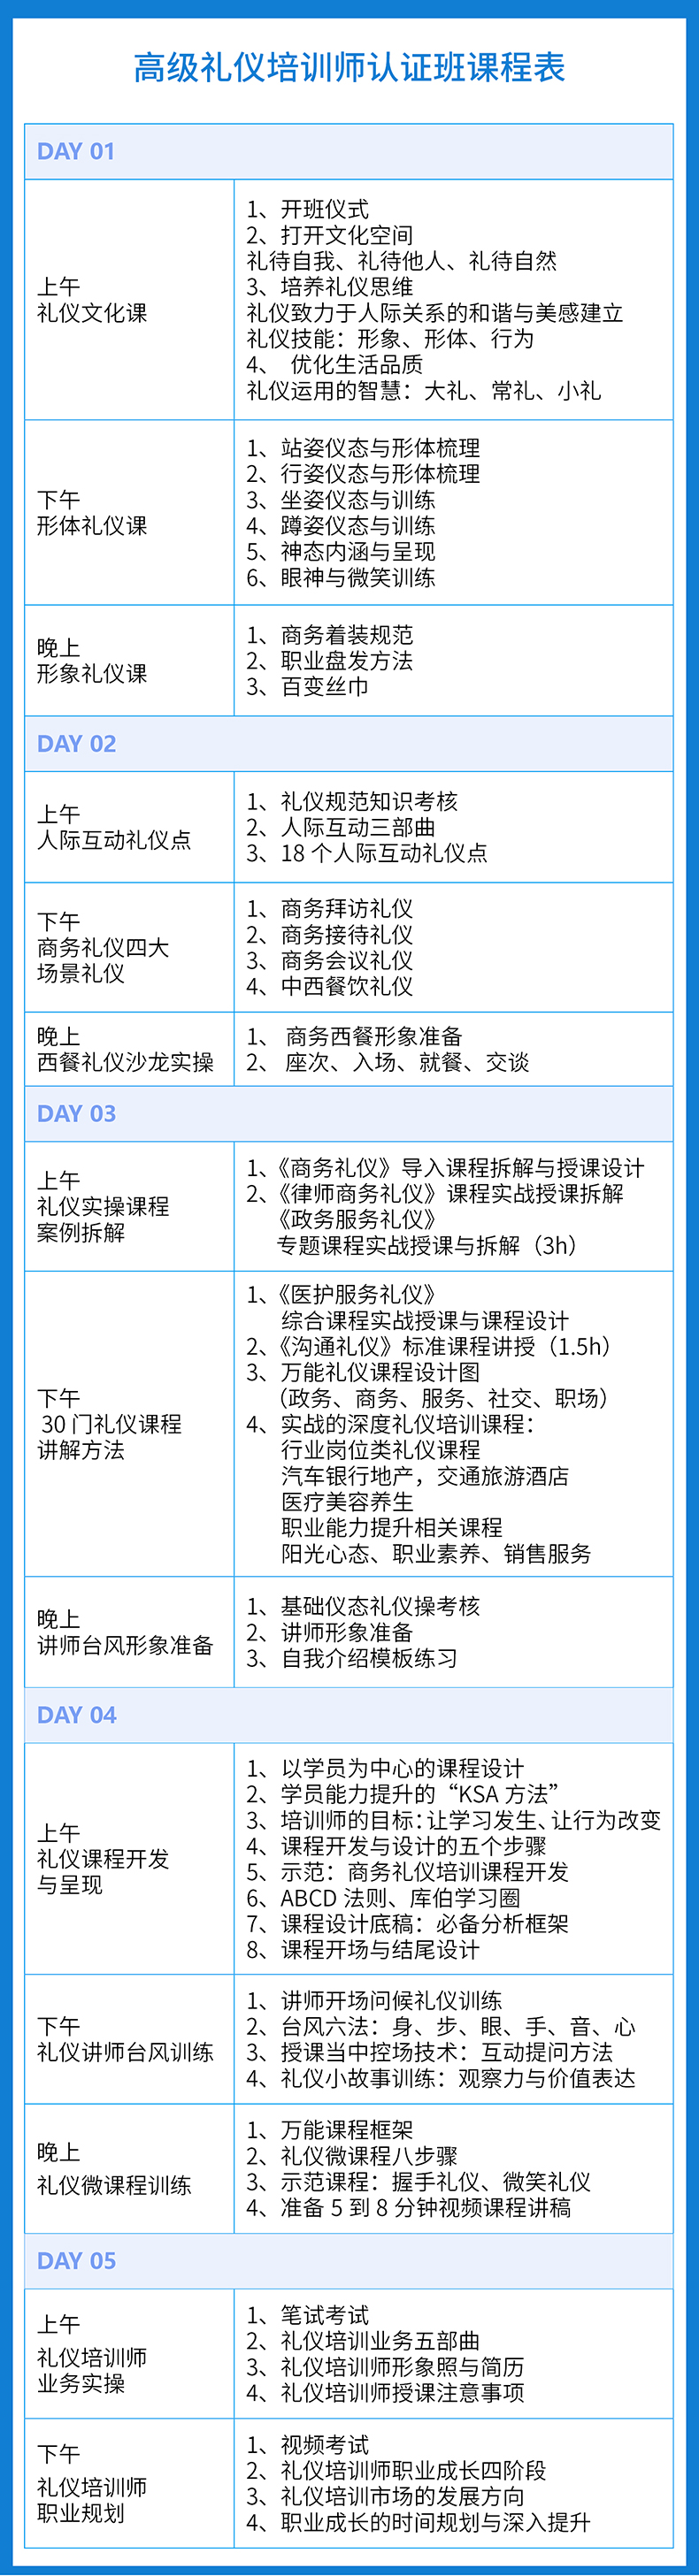 9修齐礼仪高级礼仪培训师认证班课表